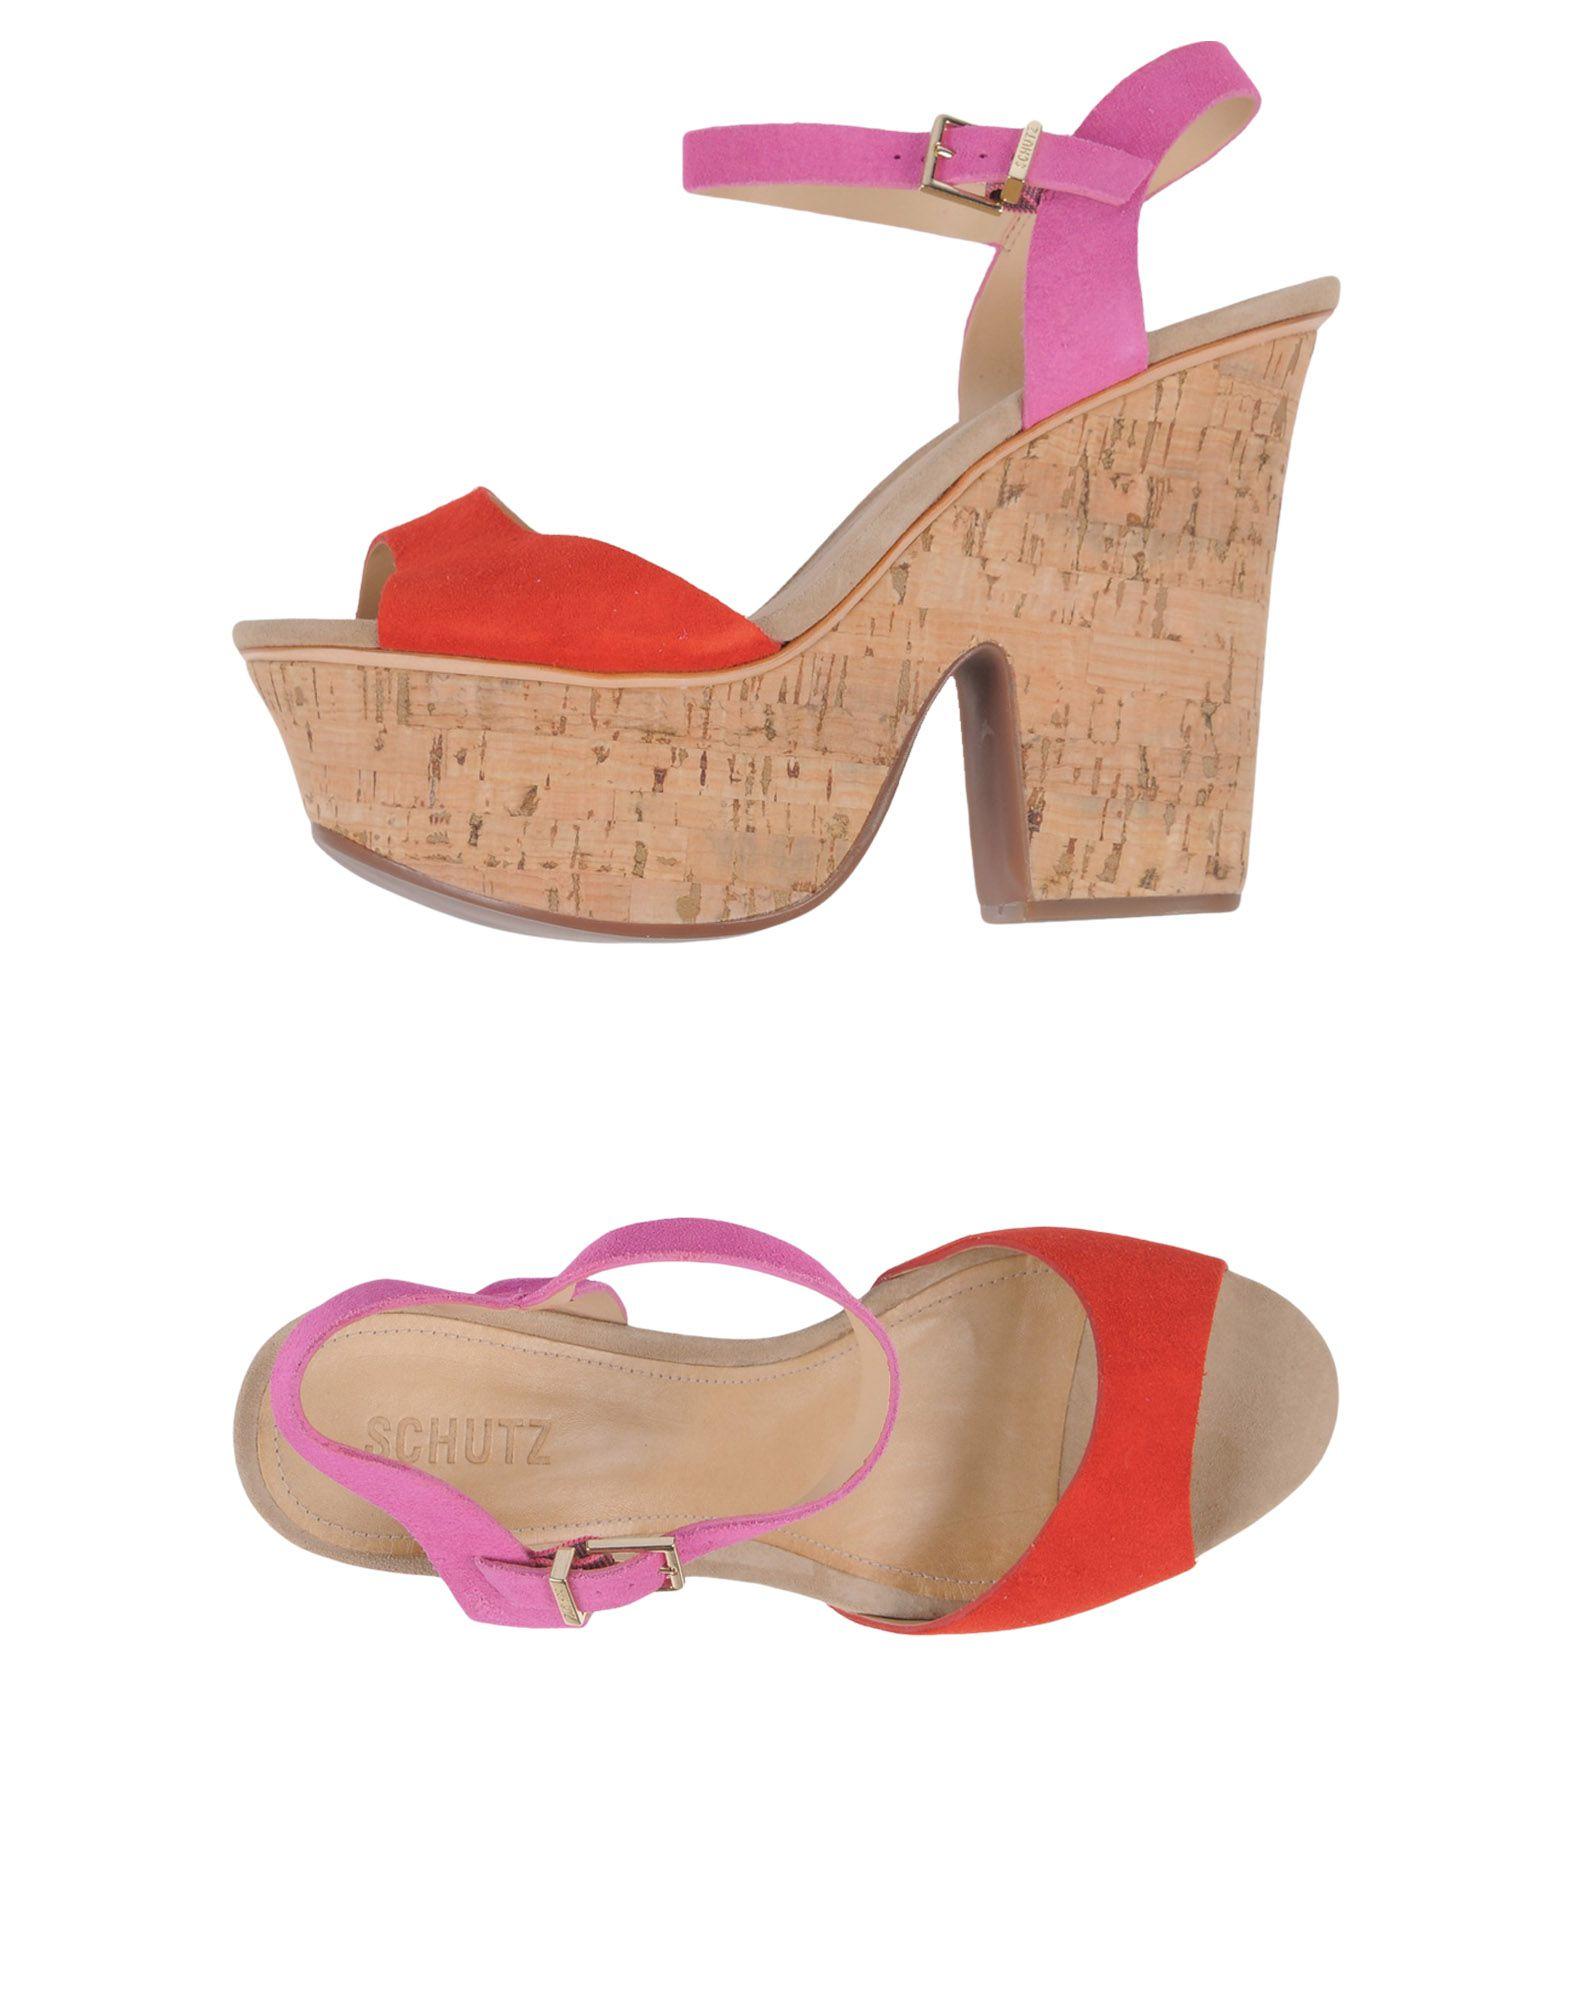 schutz des sandales sandales - femmes schutz des sandales sandales en ligne sur l'australie - 11463975qn a0c8bd